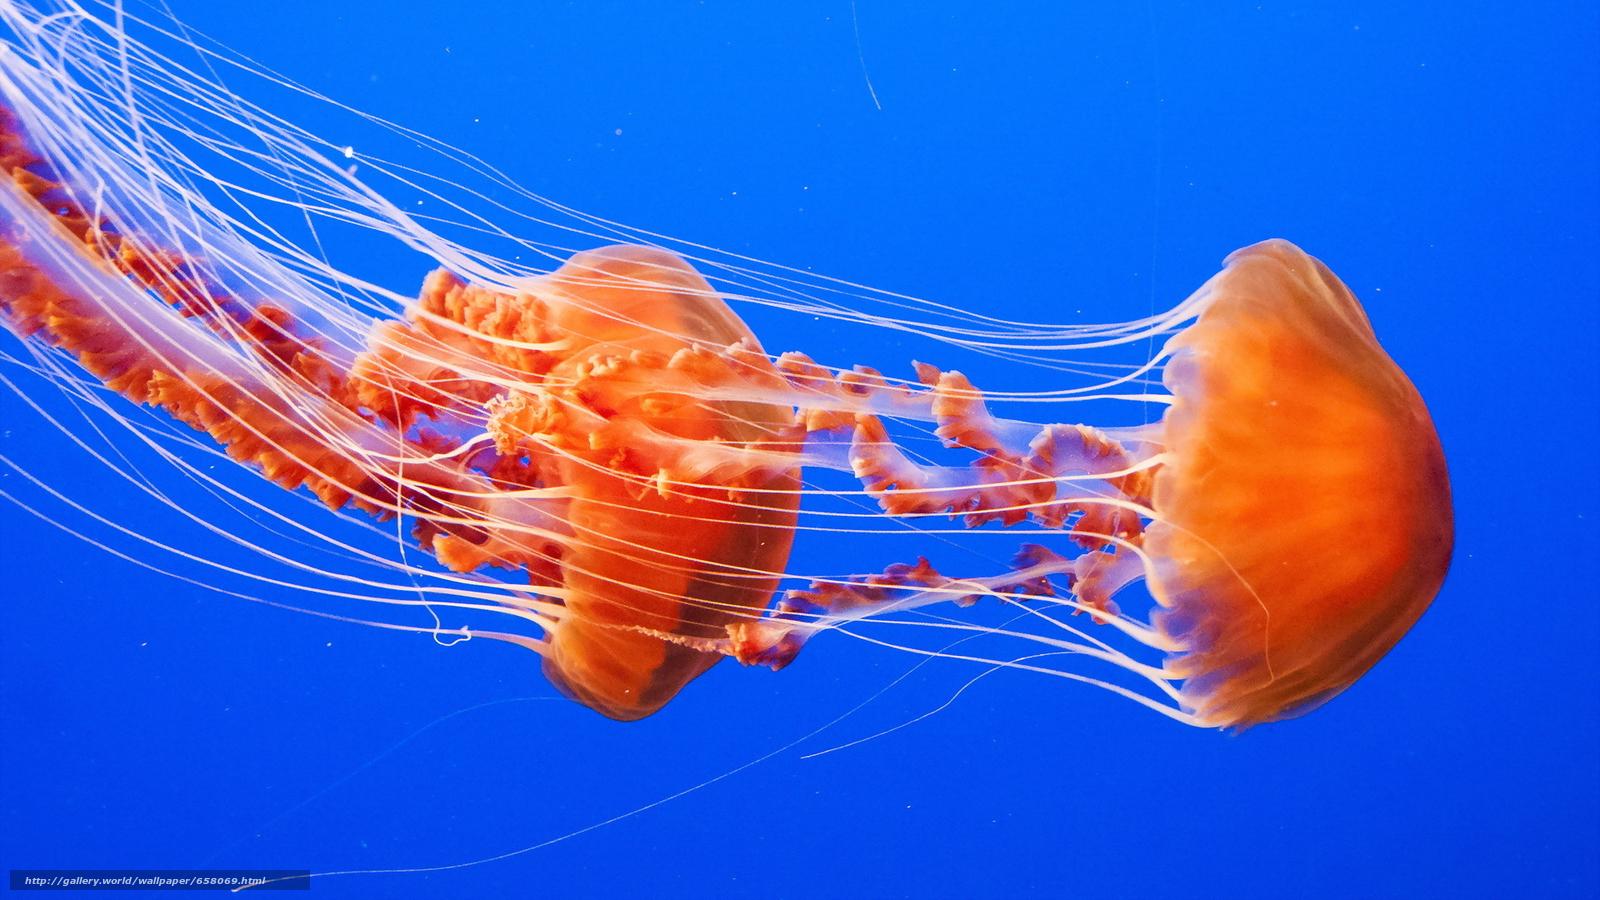 下载壁纸 海蜇, 海蜇, 海底世界, 水 免费为您的桌面分辨率的壁纸